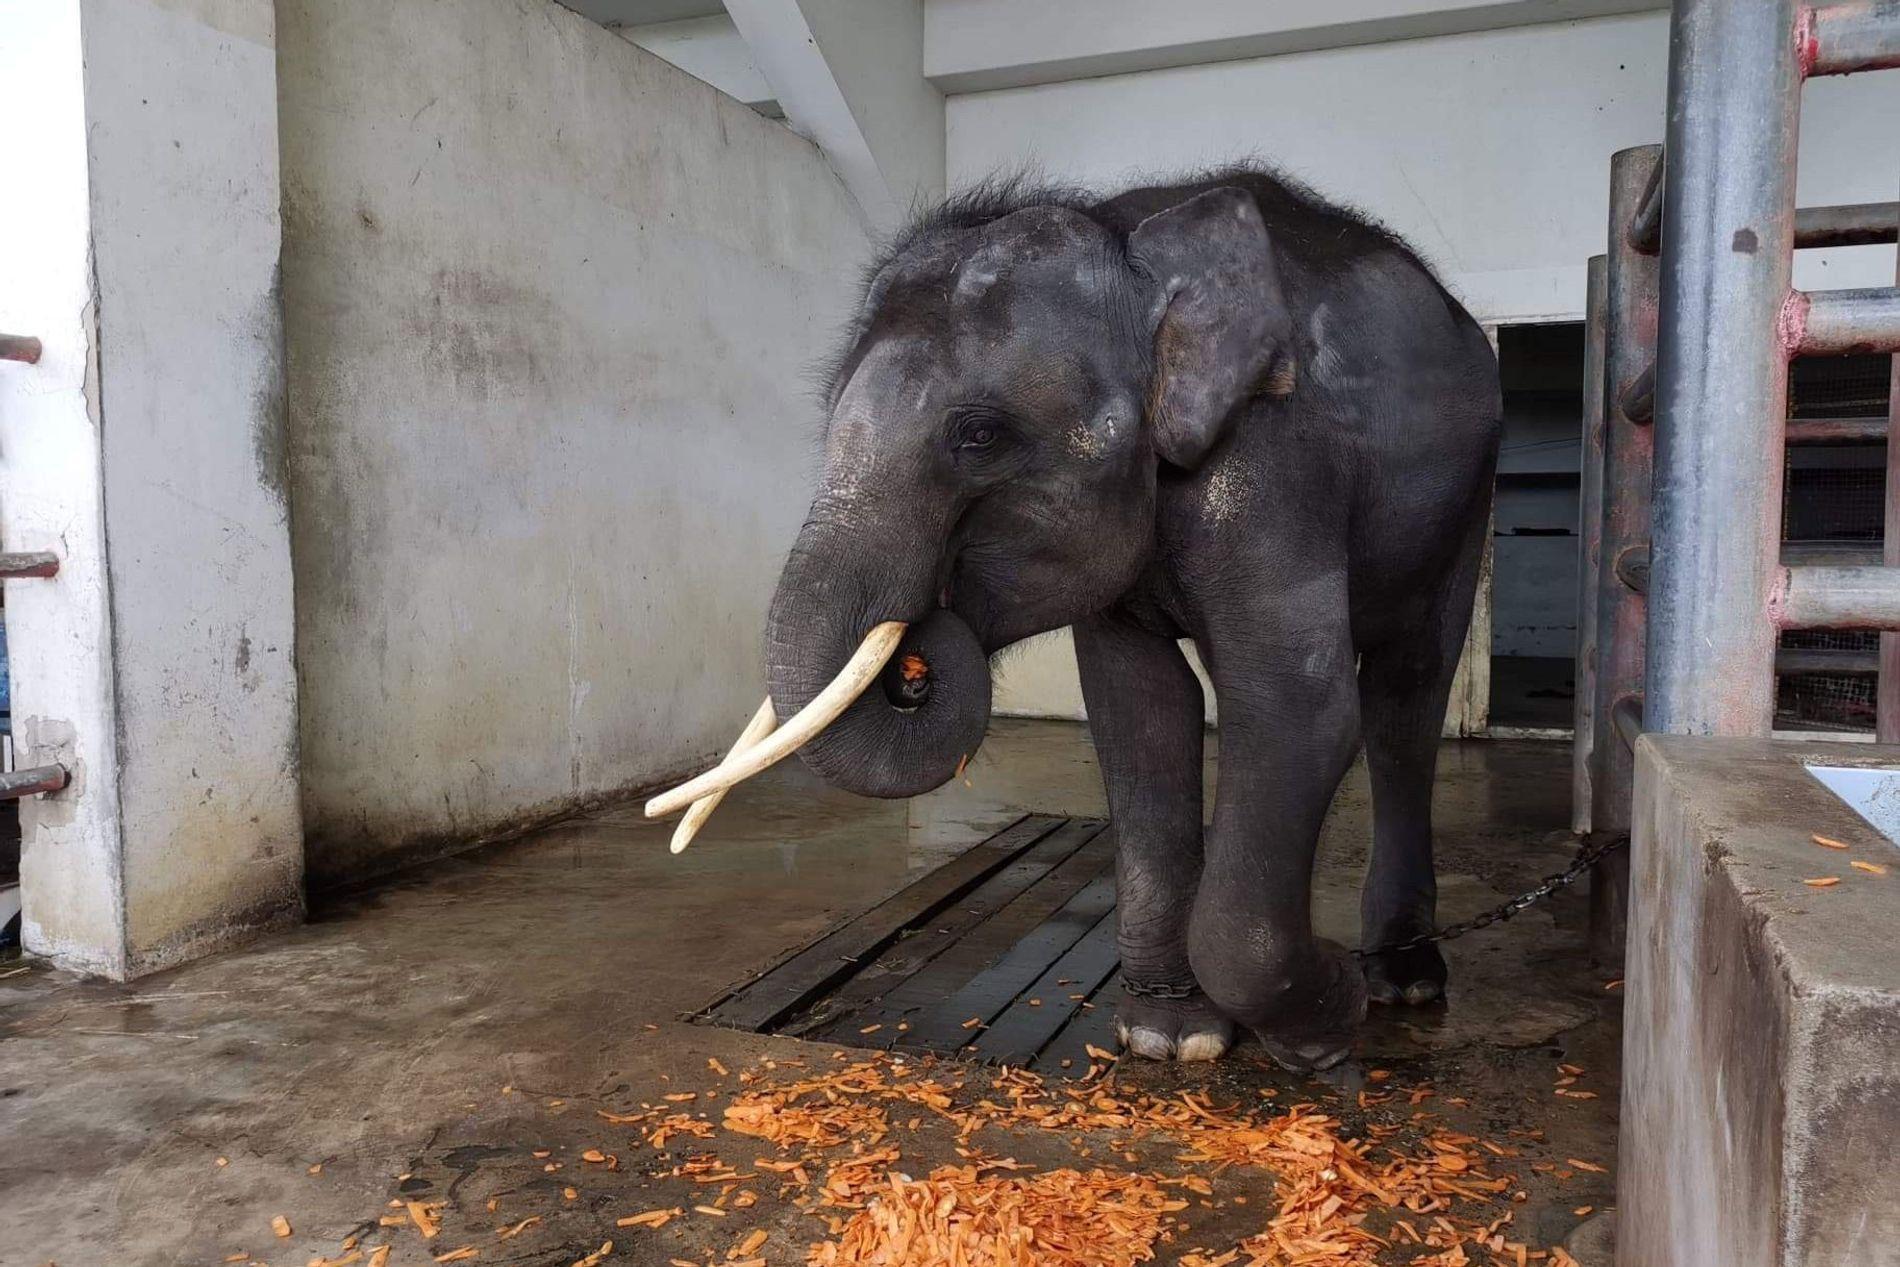 Gluay Hom, um jovem macho, em sua baia no Samutprakarn Crocodile Farm and Zoo pela última vez na terça-feira, 6 de agosto. Ele se alimenta de algumas frutas antes de ser levado para o seu novo lar no Elephant Nature Park, em Chiang Mai.